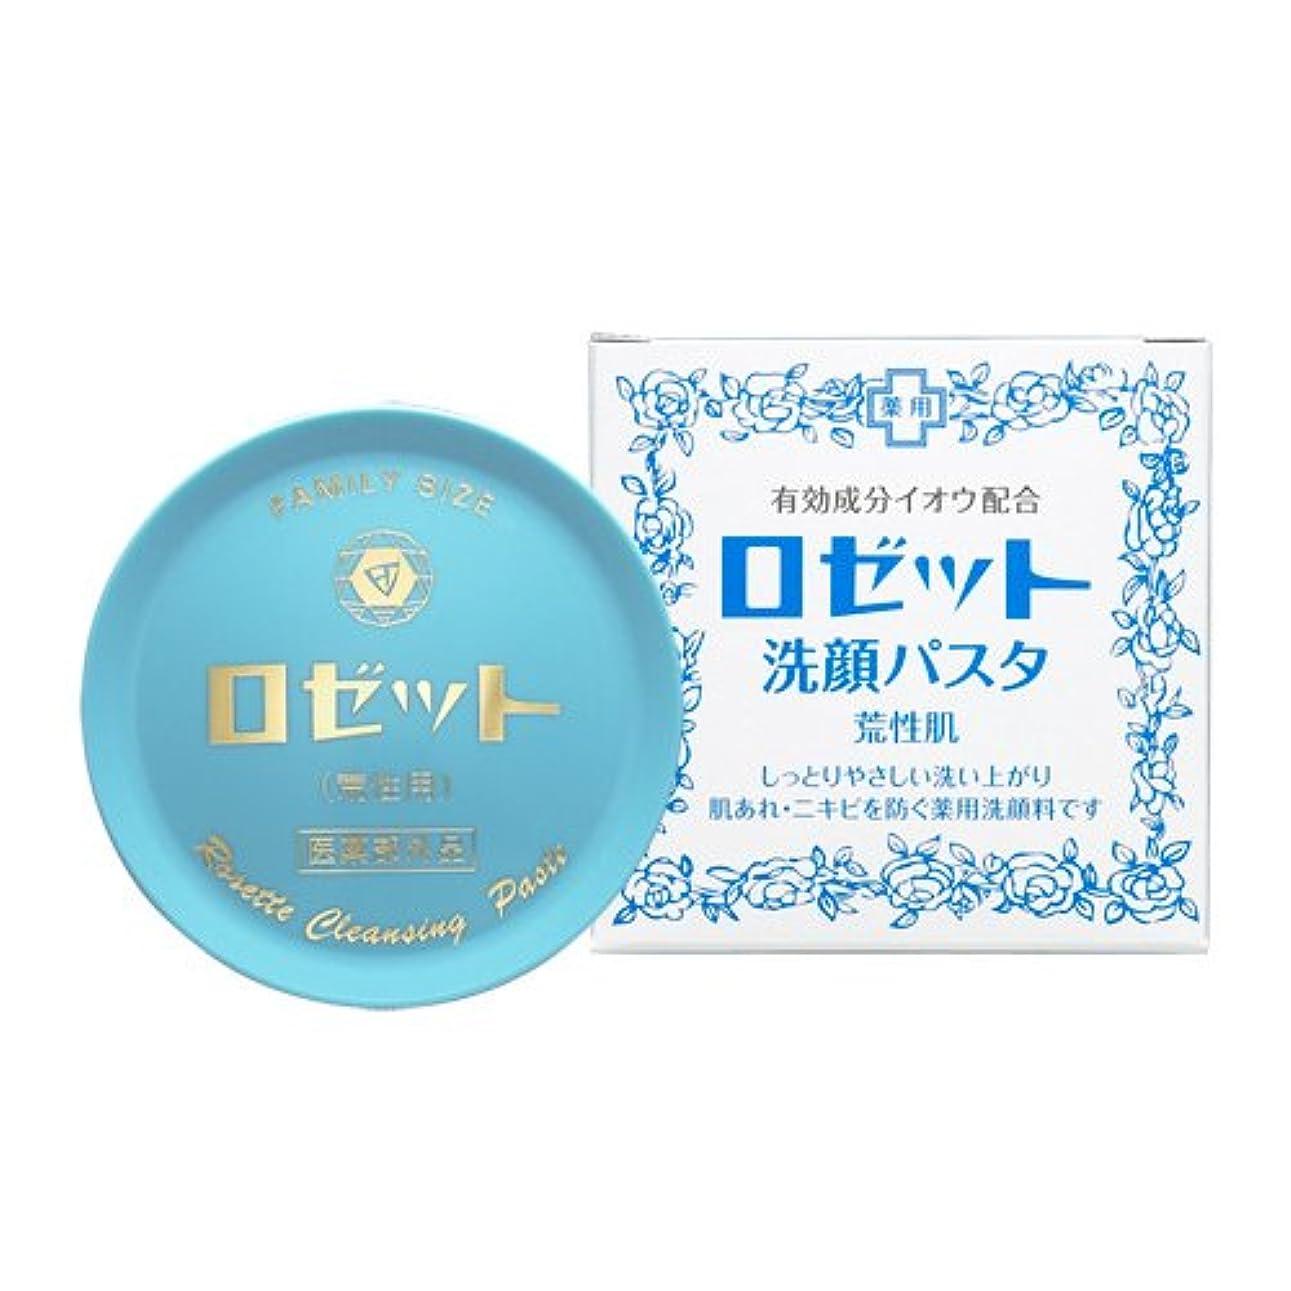 戻る筋ロゼット洗顔パスタ 荒性肌 90g (医薬部外品)